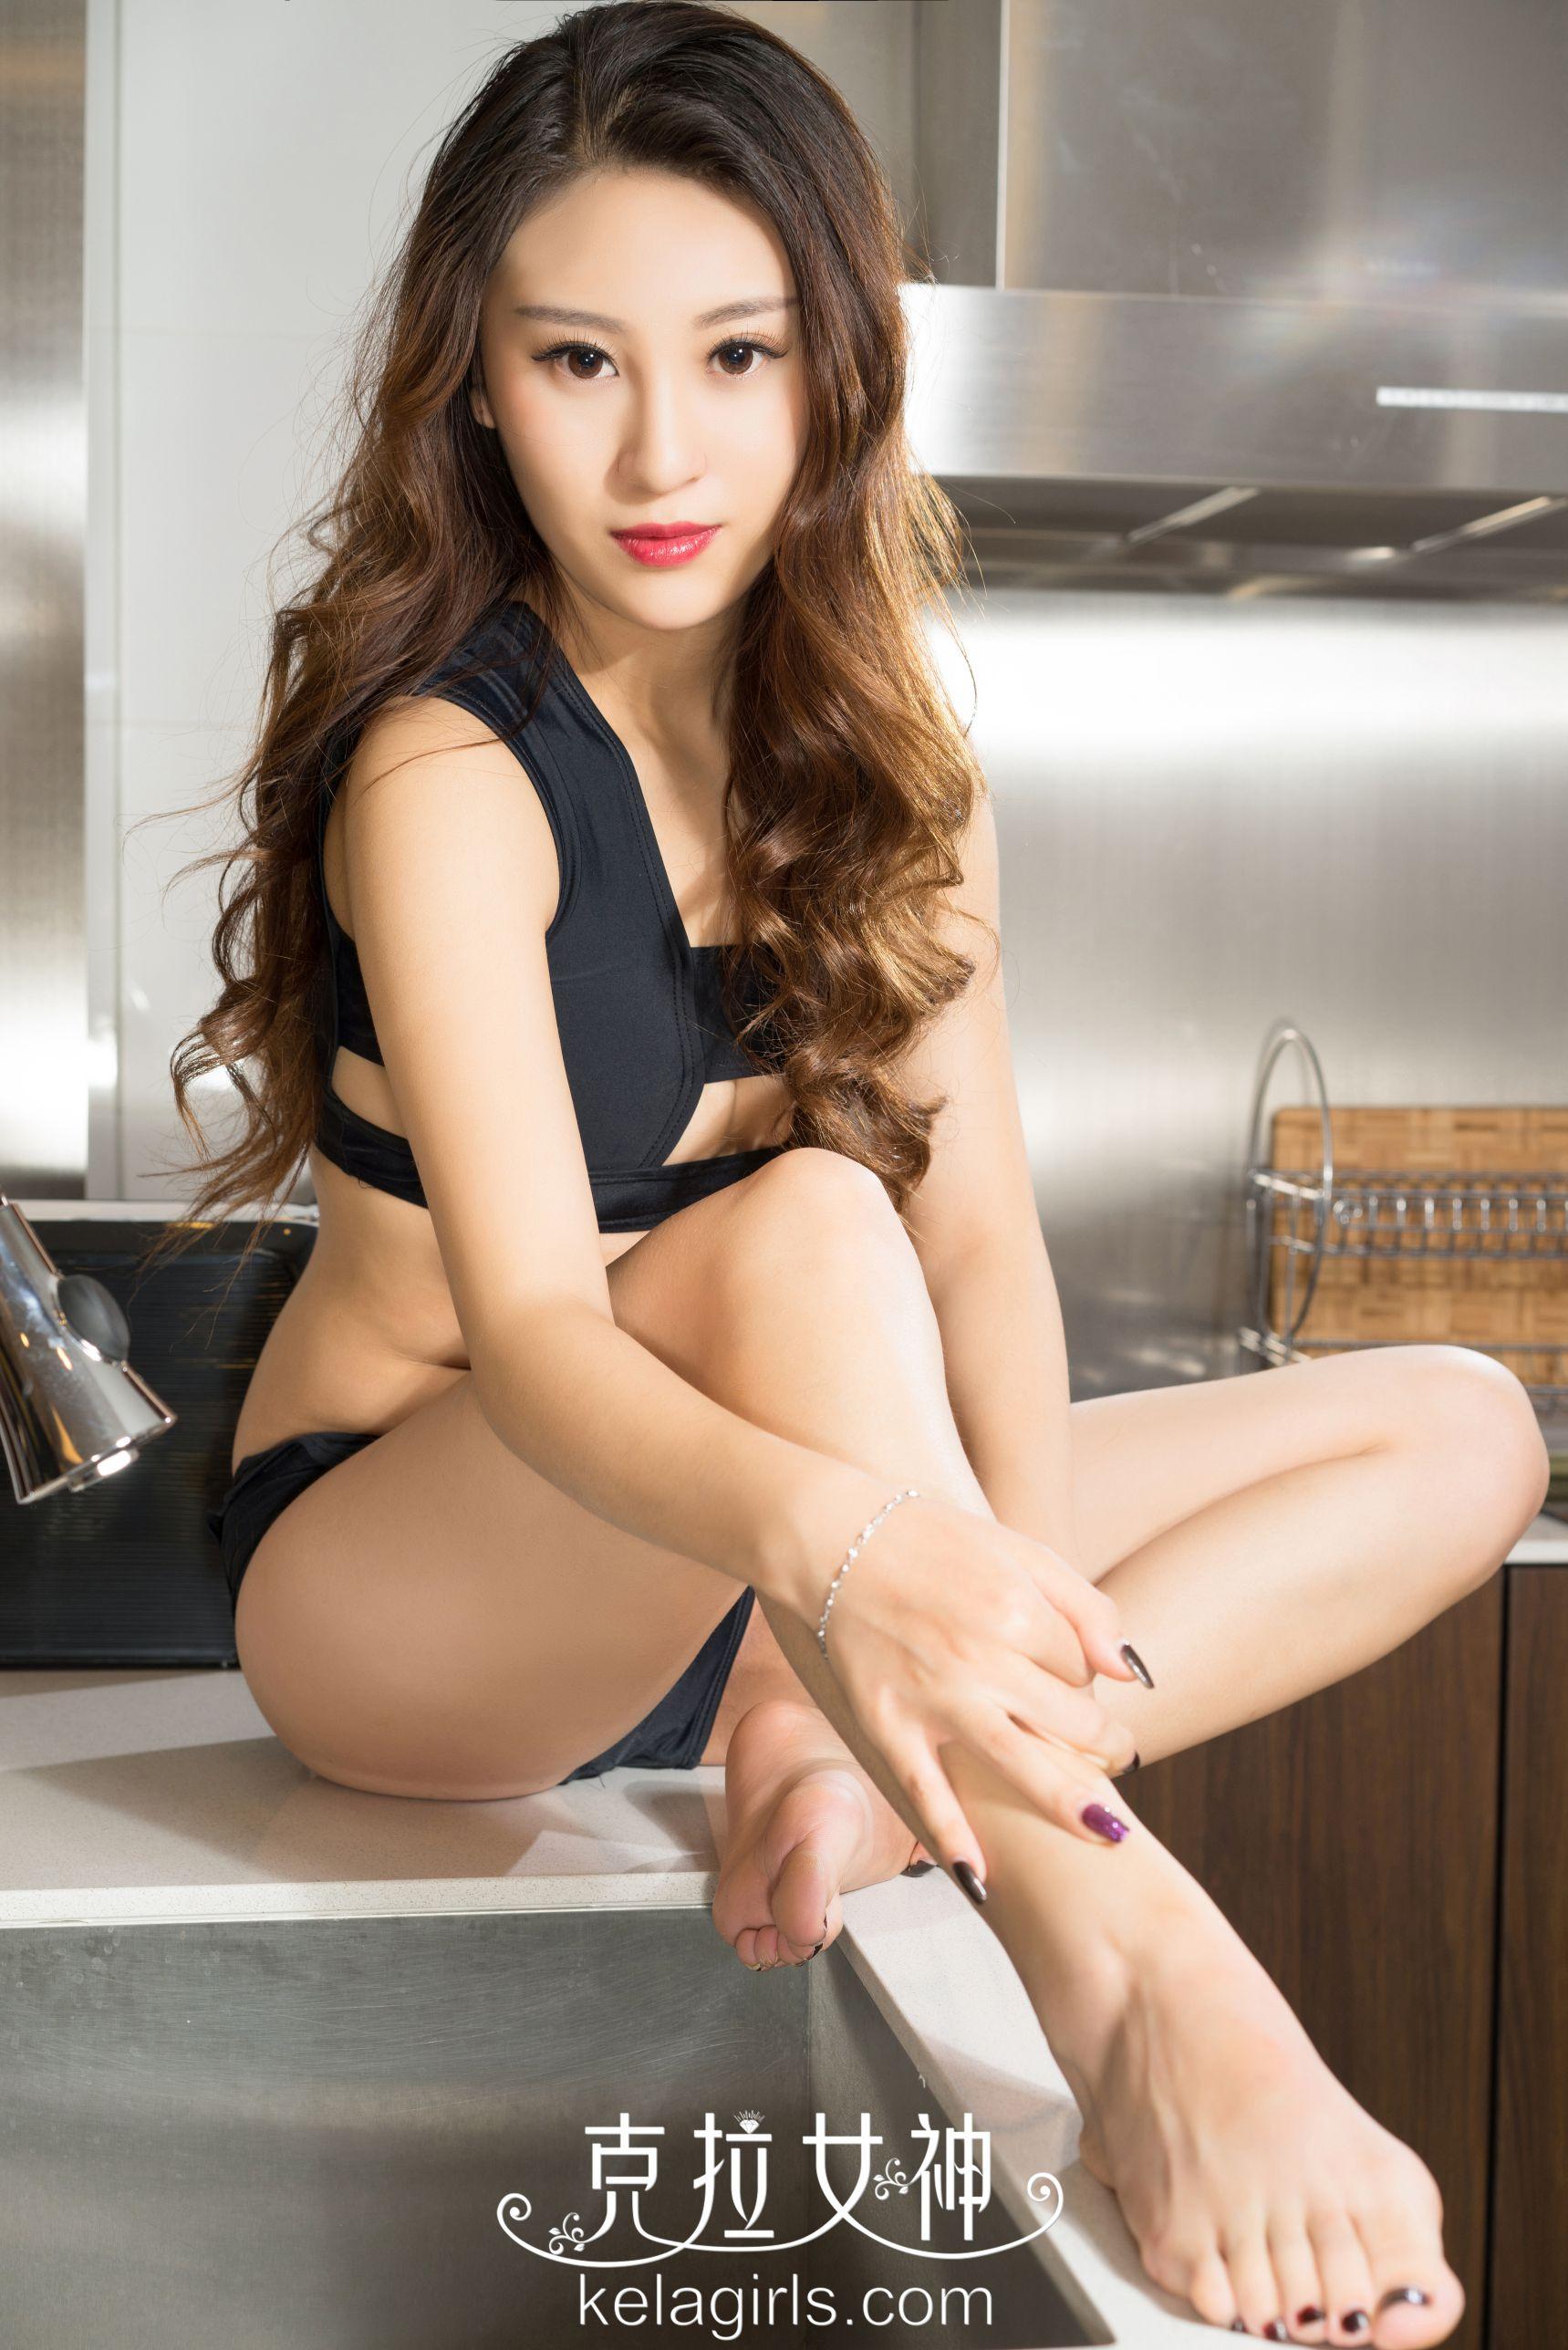 素素《厨房芭蕾舞》写真套图